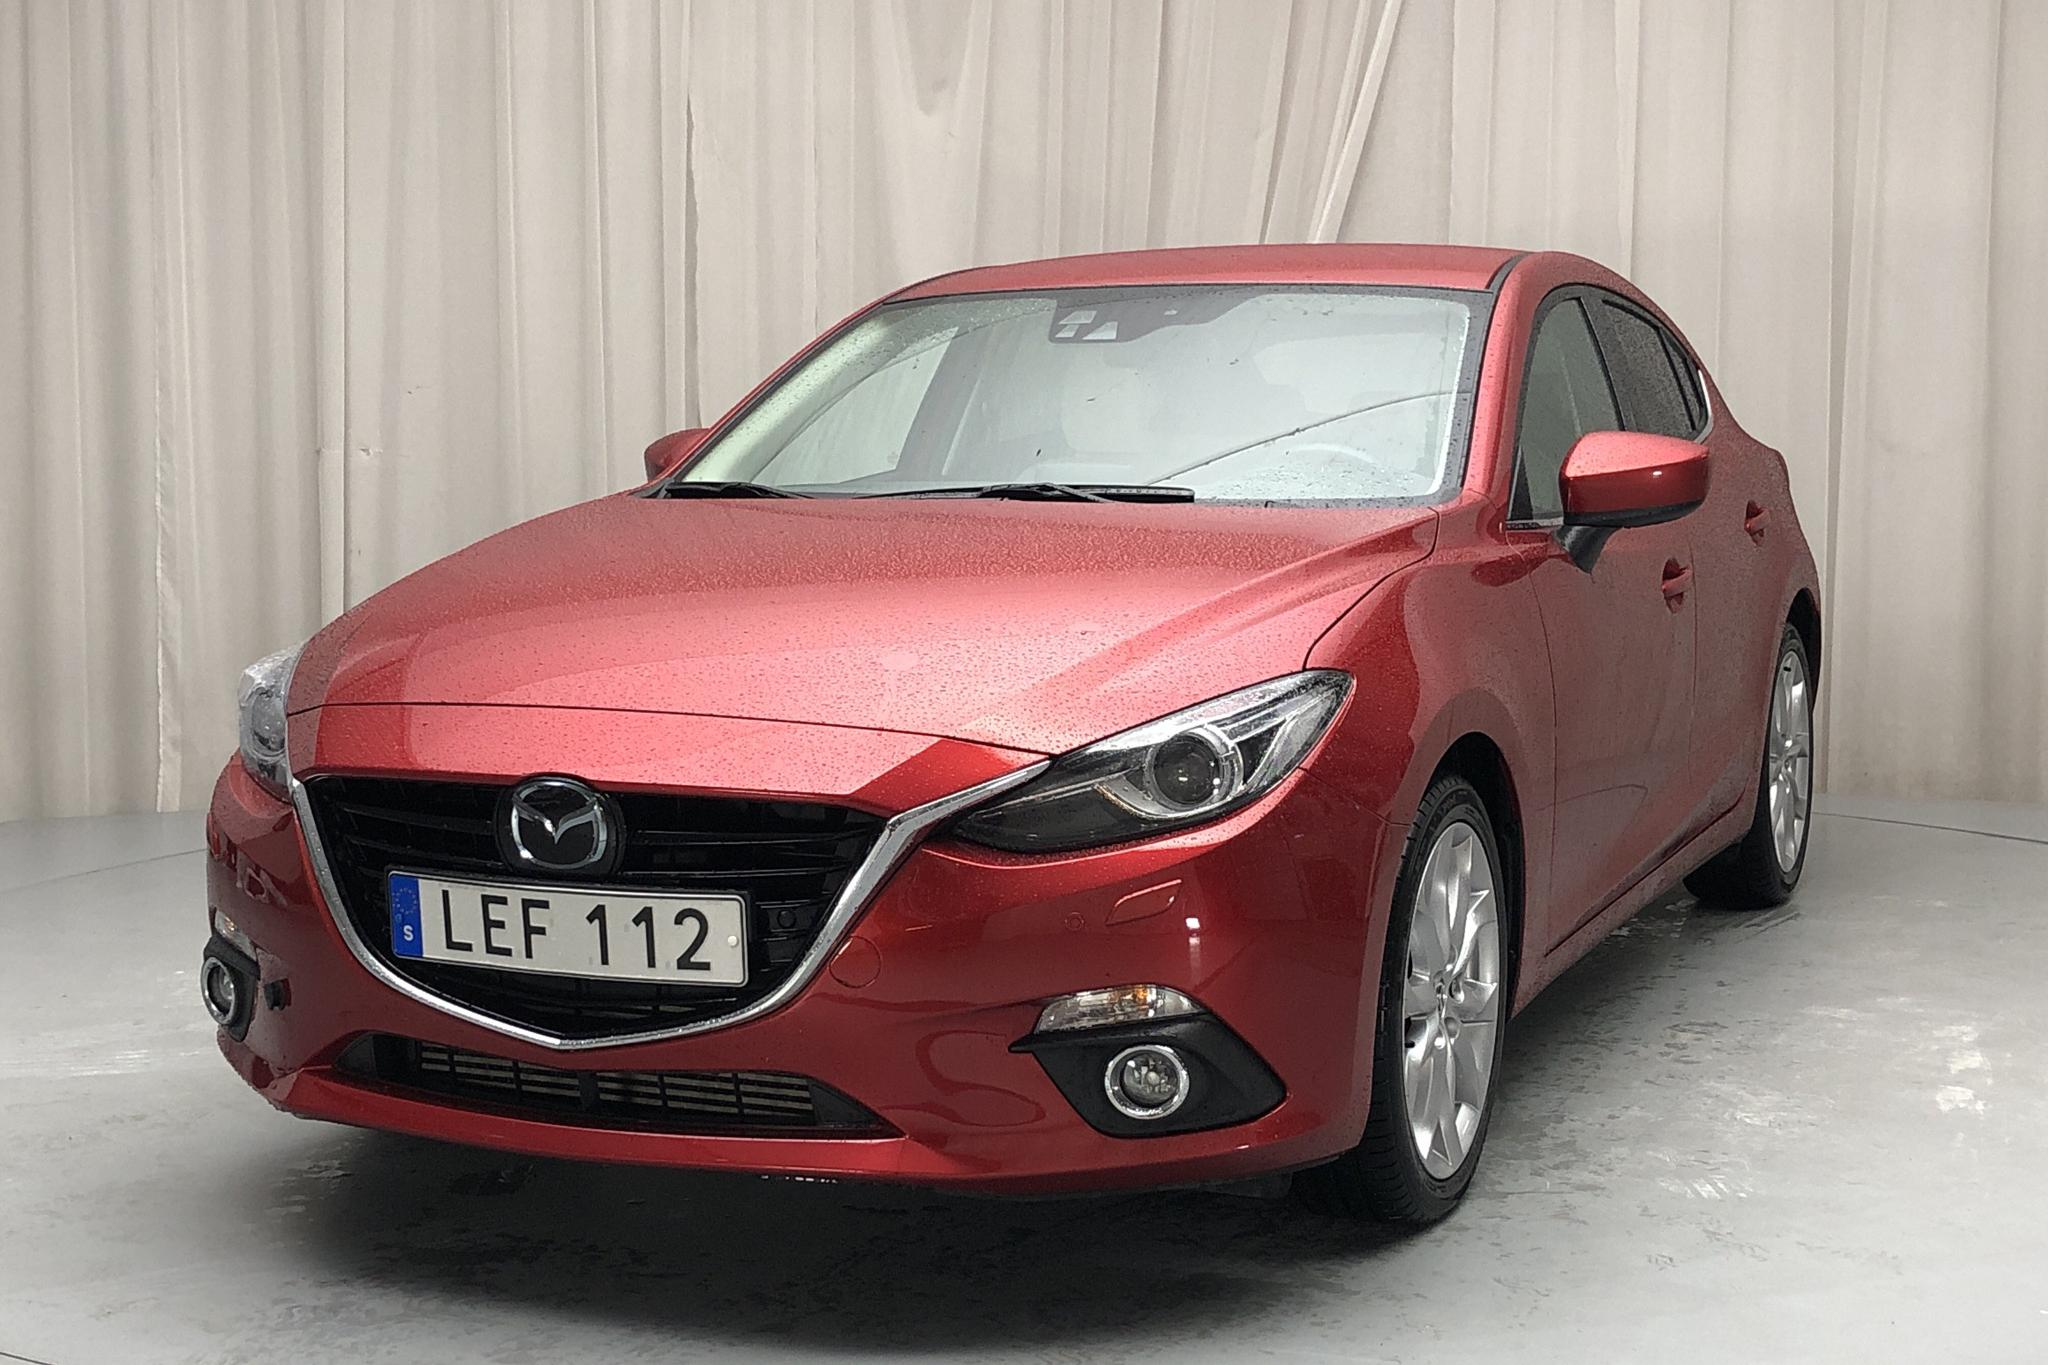 Mazda 3 2.2 DE 5dr (150hk) - 5 237 mil - Automat - röd - 2016